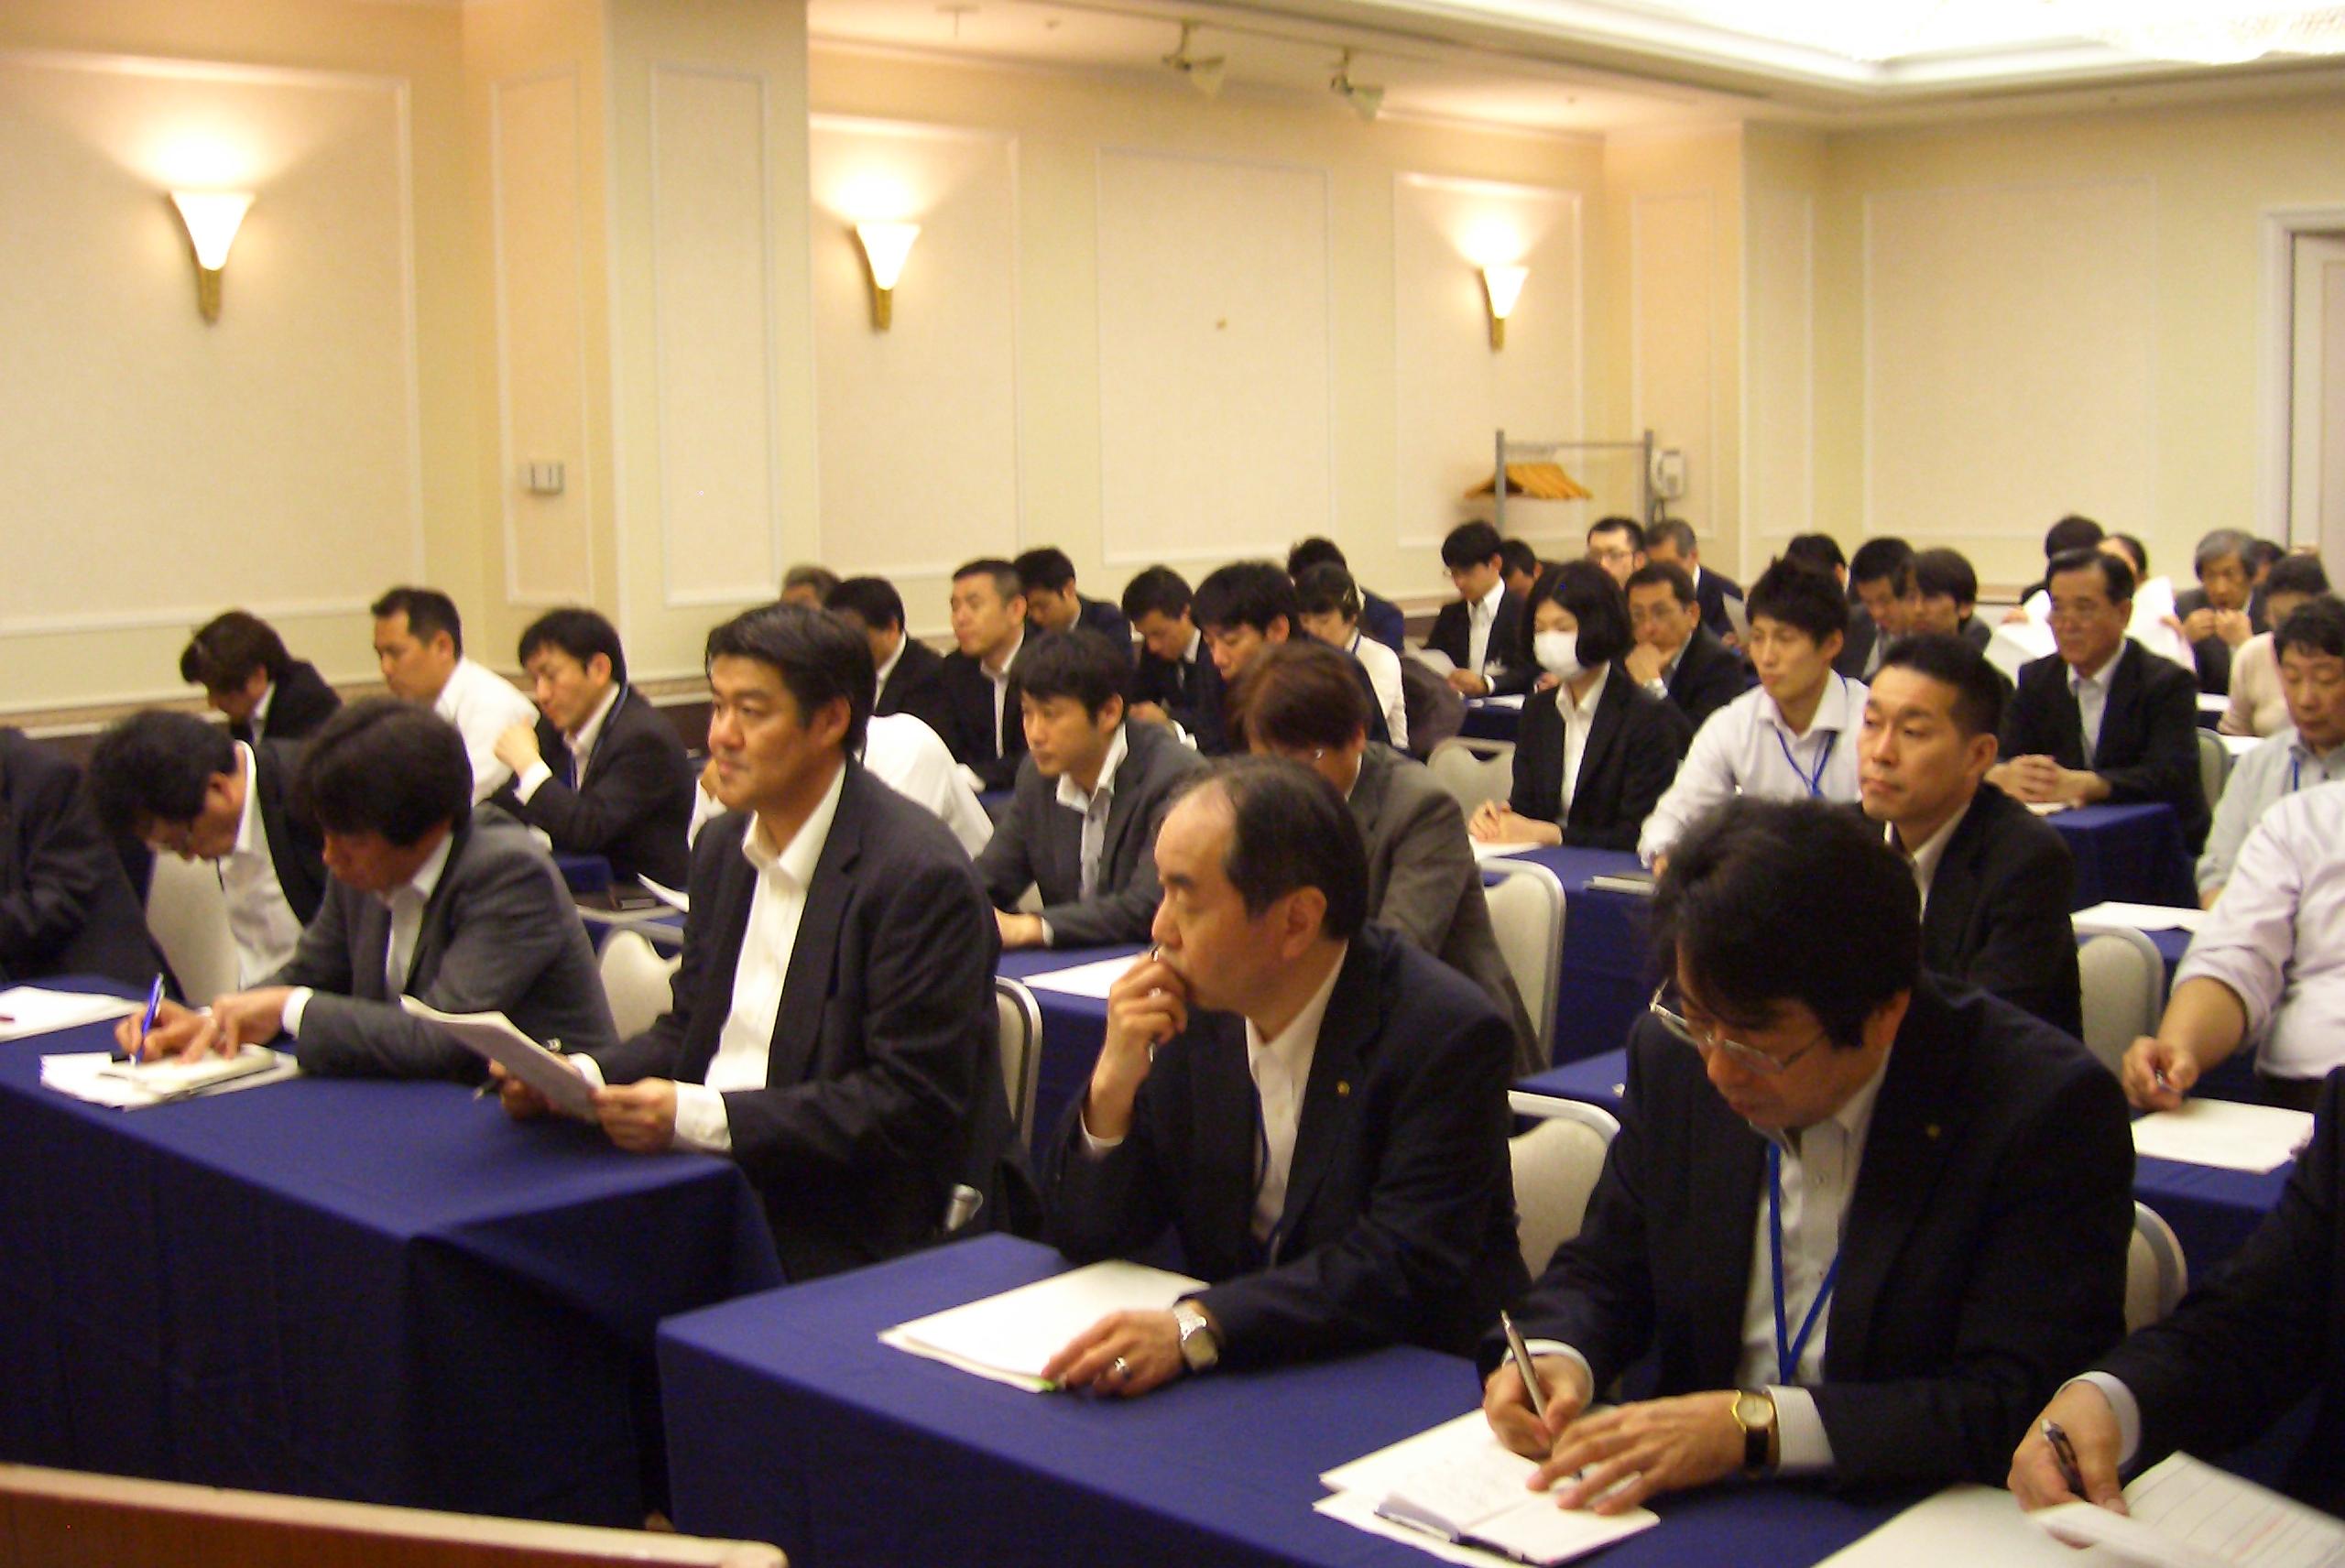 平成28年度「合同責任者会議」が開催されました。